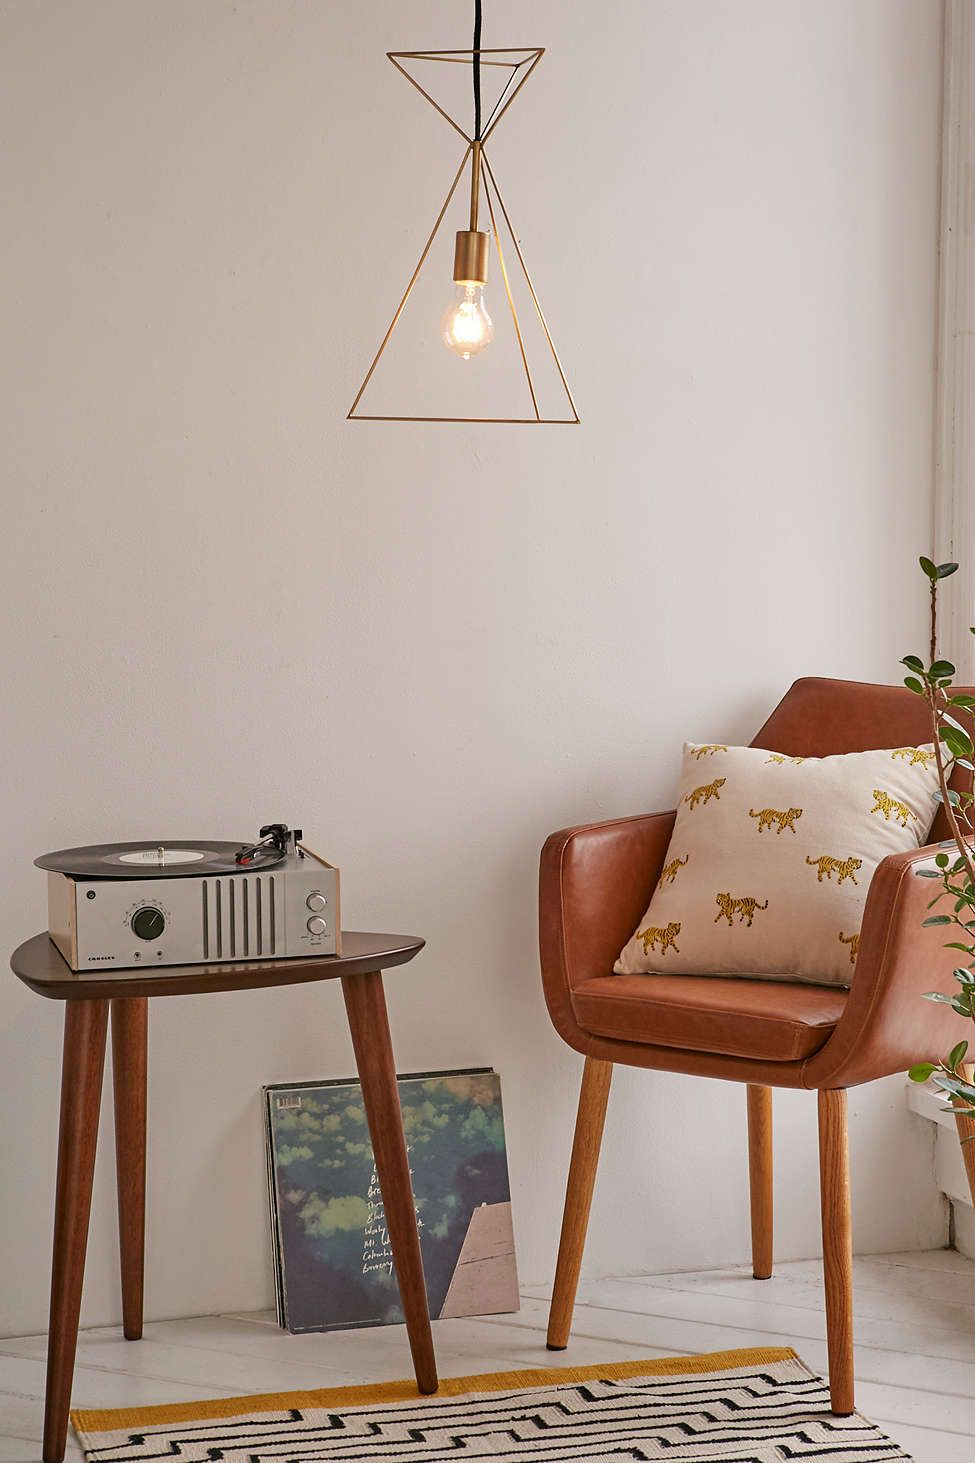 Triad Lamp | Weltenbummler, Wohnkultur und Inspiration